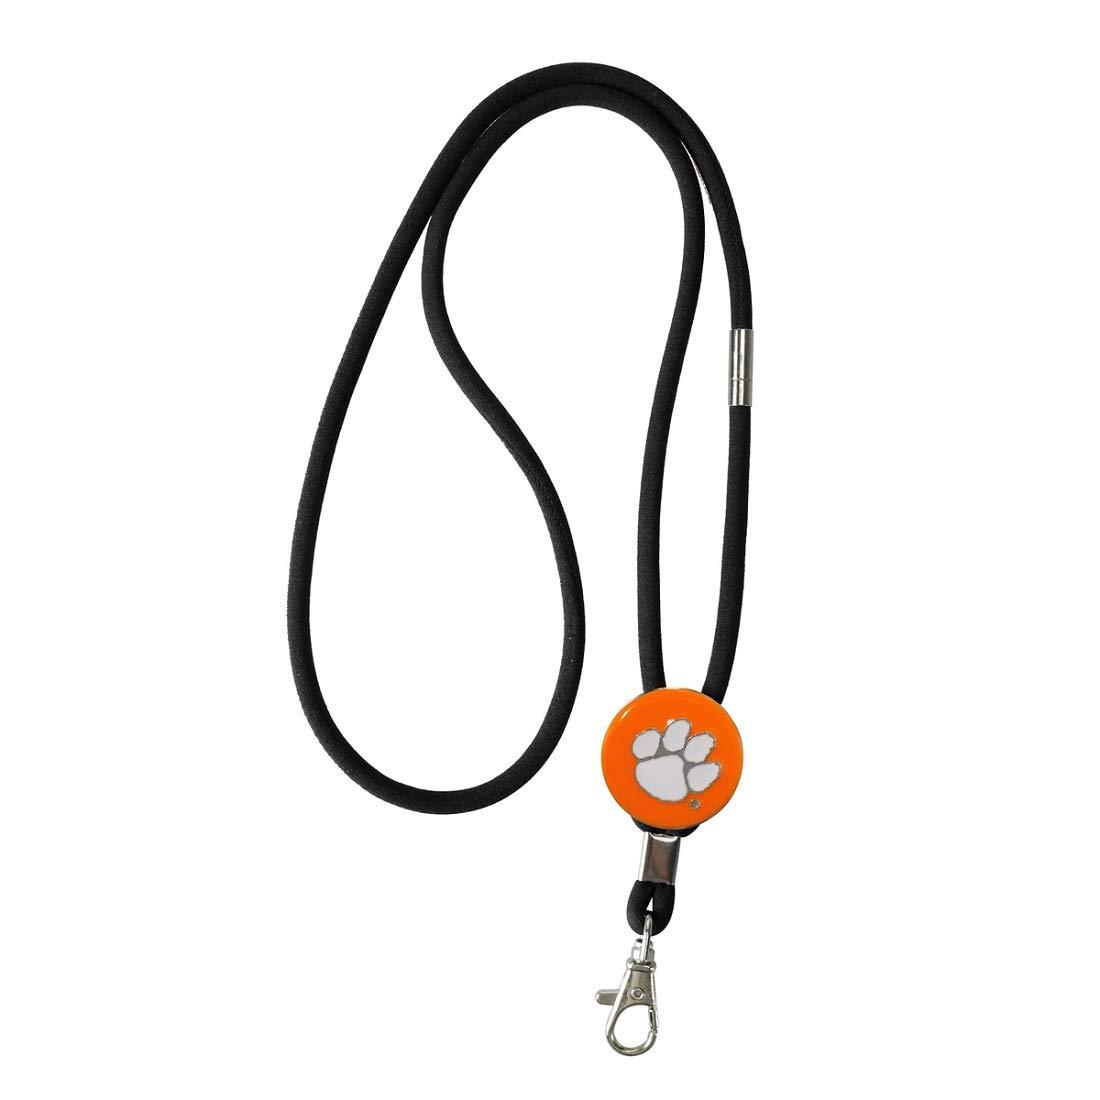 SANDOL Clemson Tigers Keychain//Badge Holder Lanyard